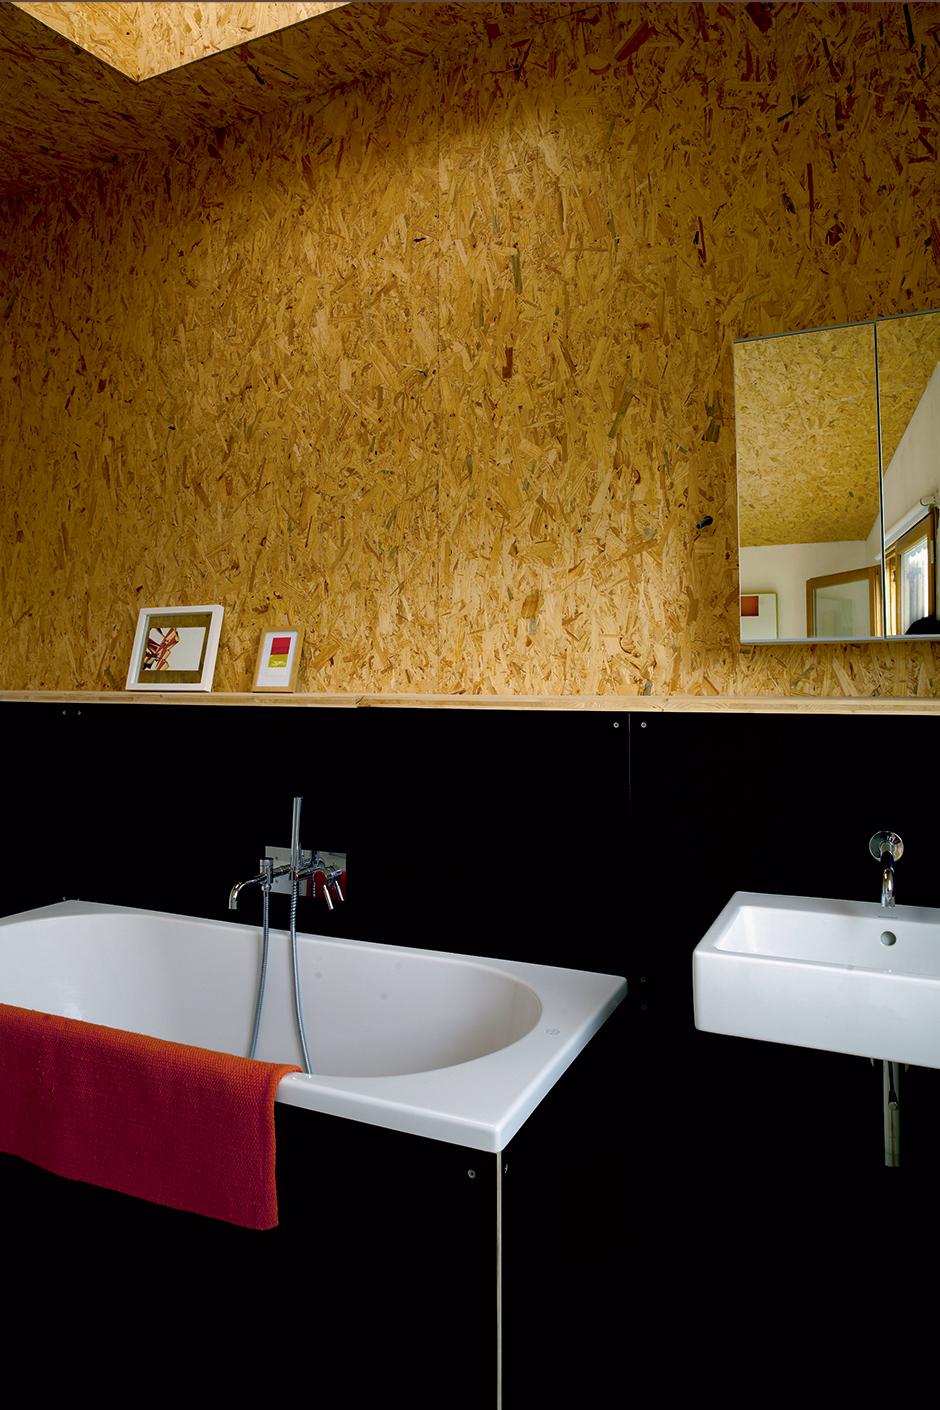 Секс в ванной техника в фото 11 фотография